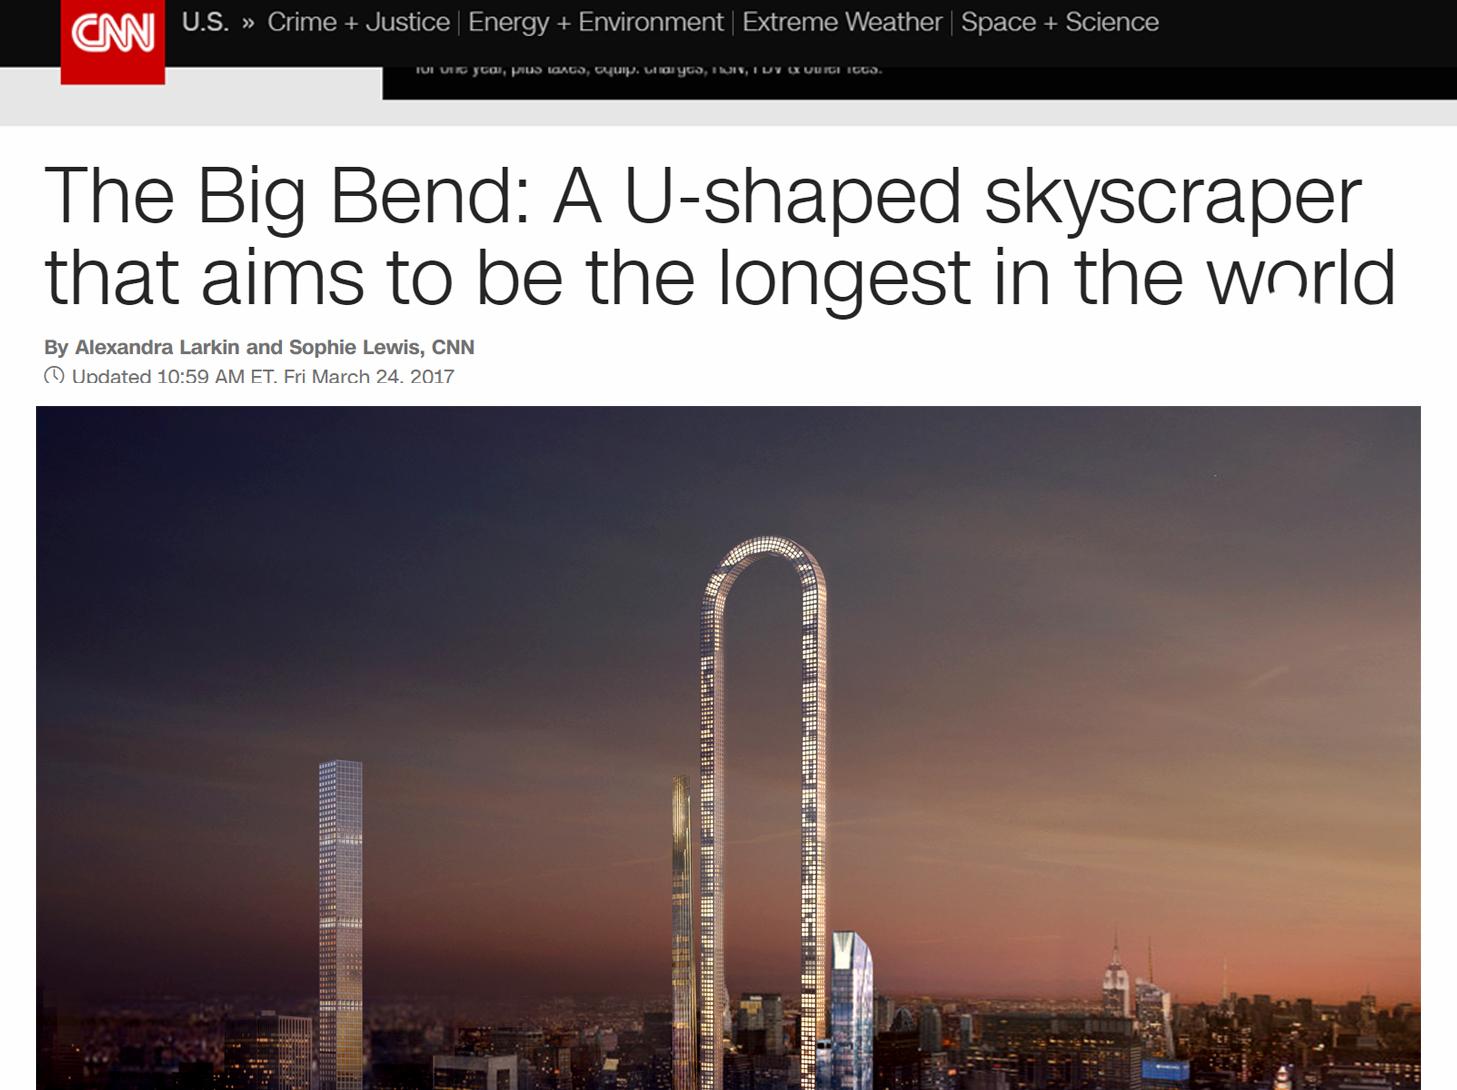 The Bing Bend CNN